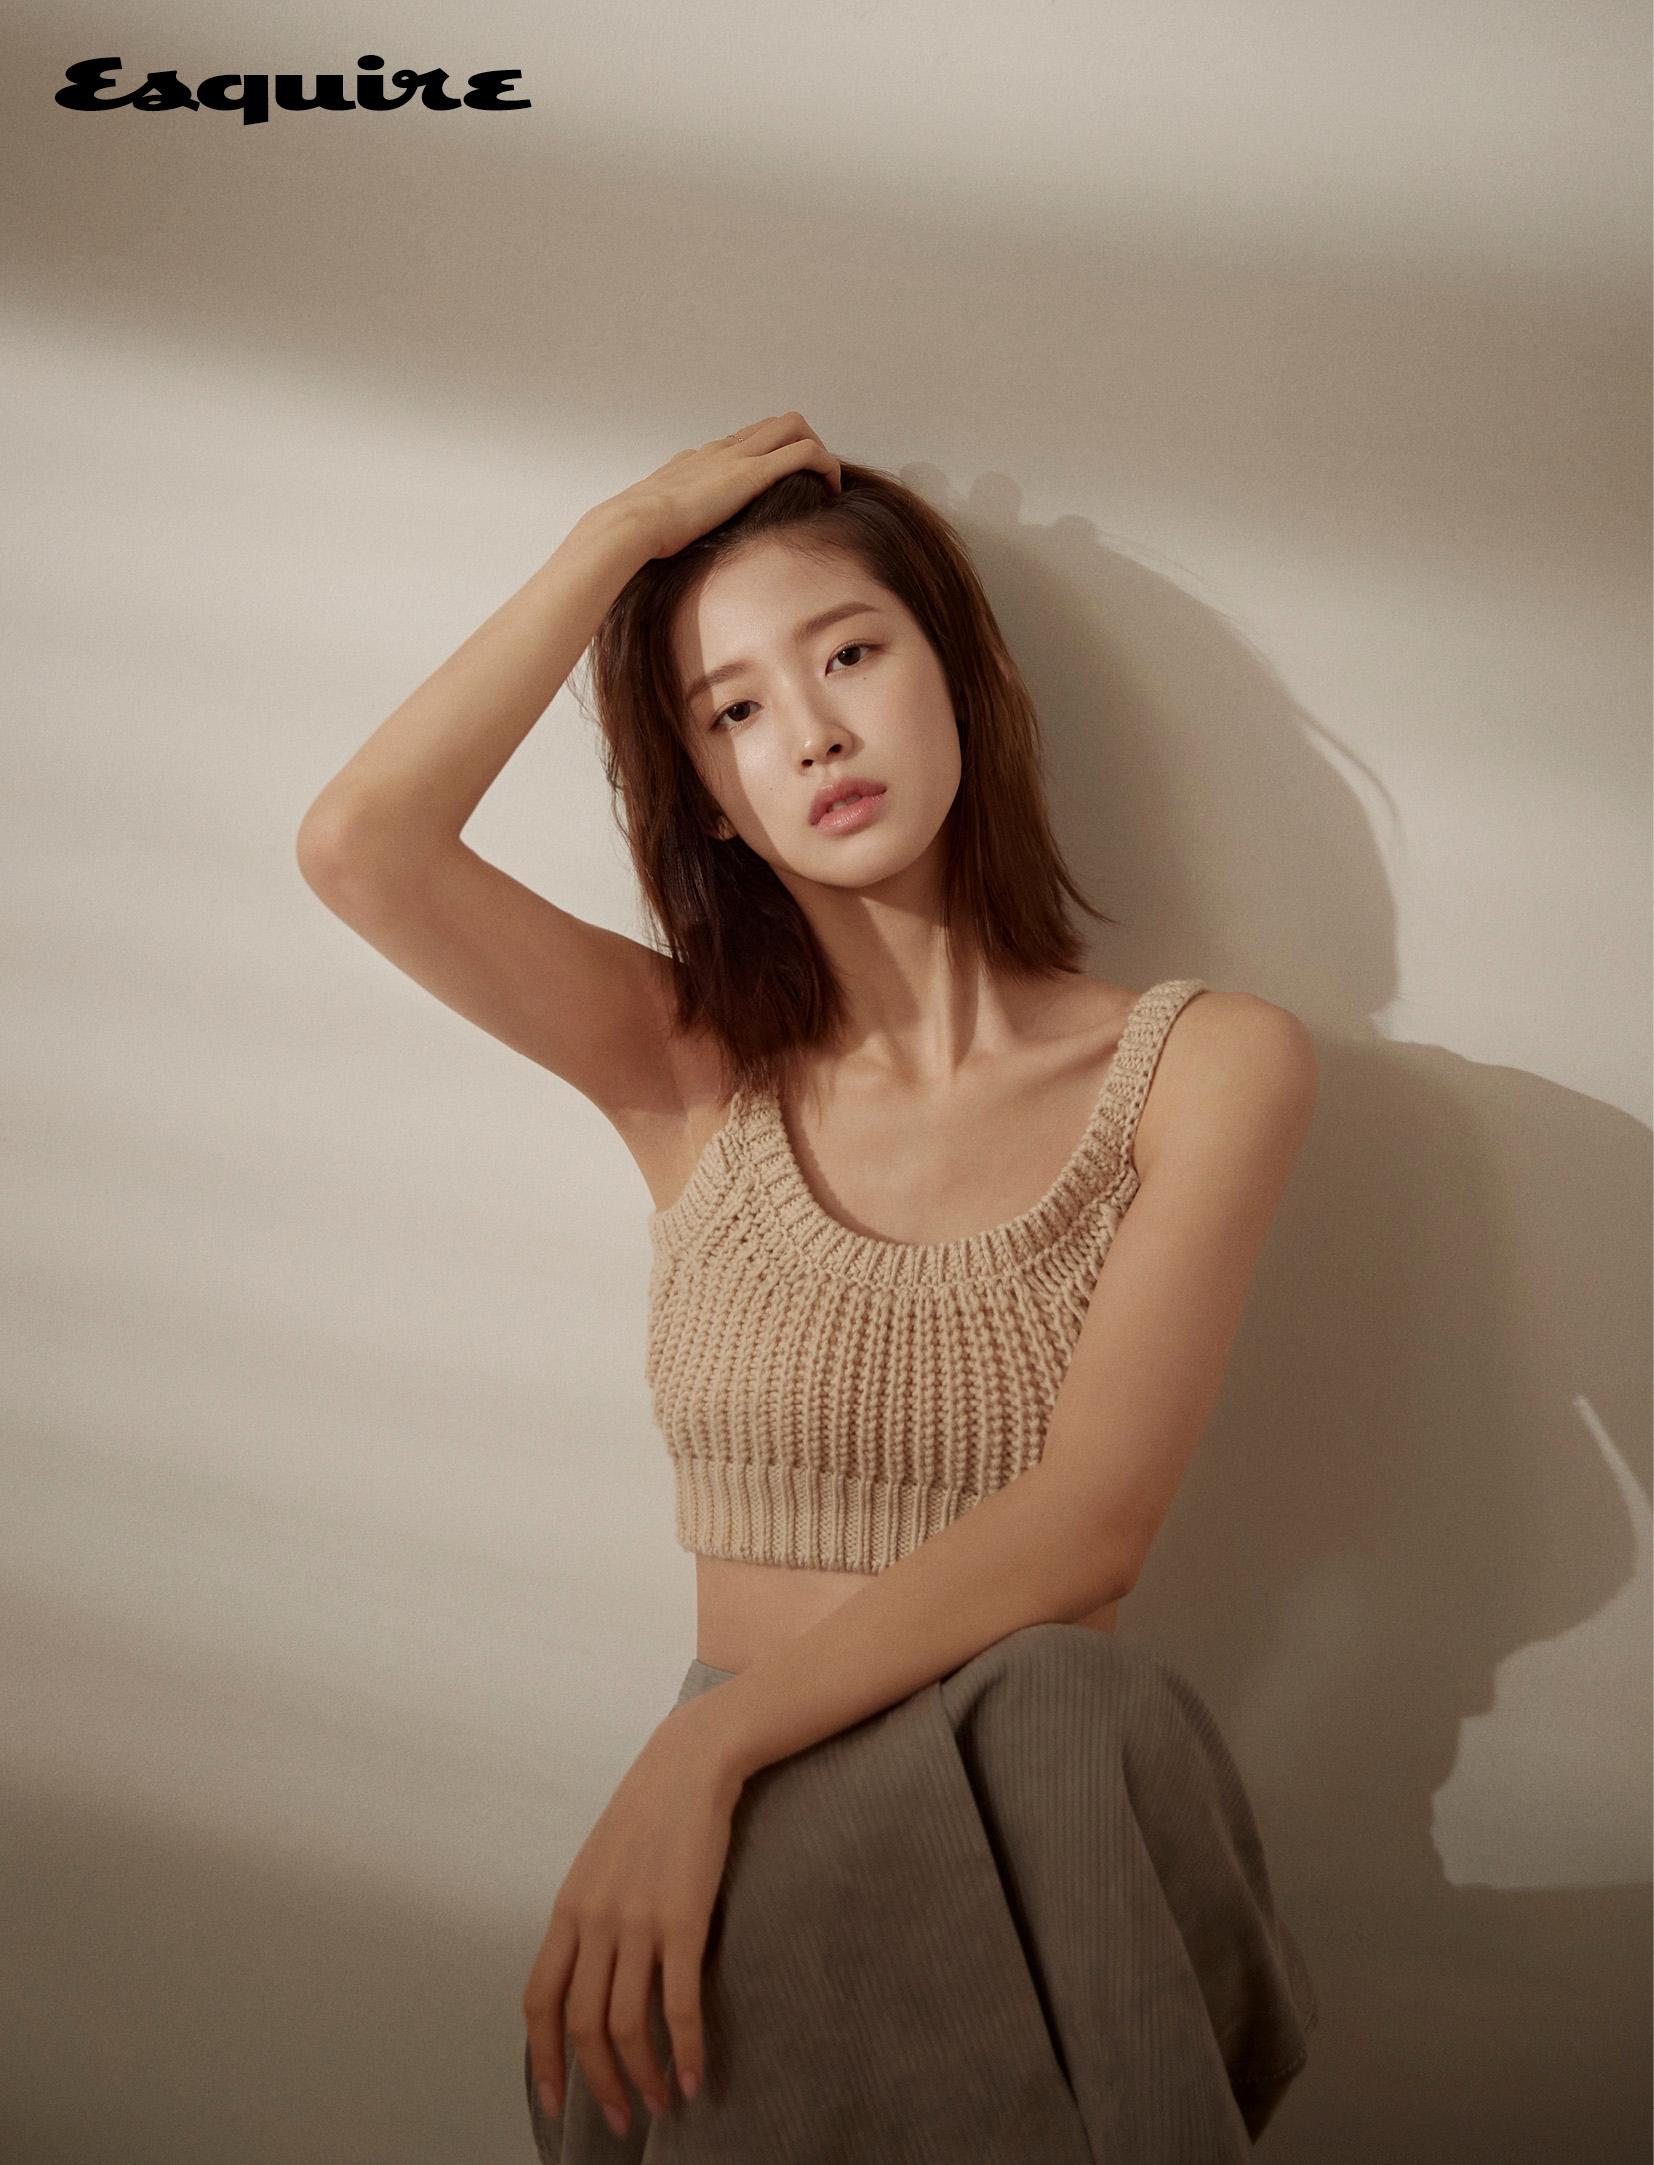 조윤희 슈어 화보 고화질 > 연예/화보 | 꿀재미